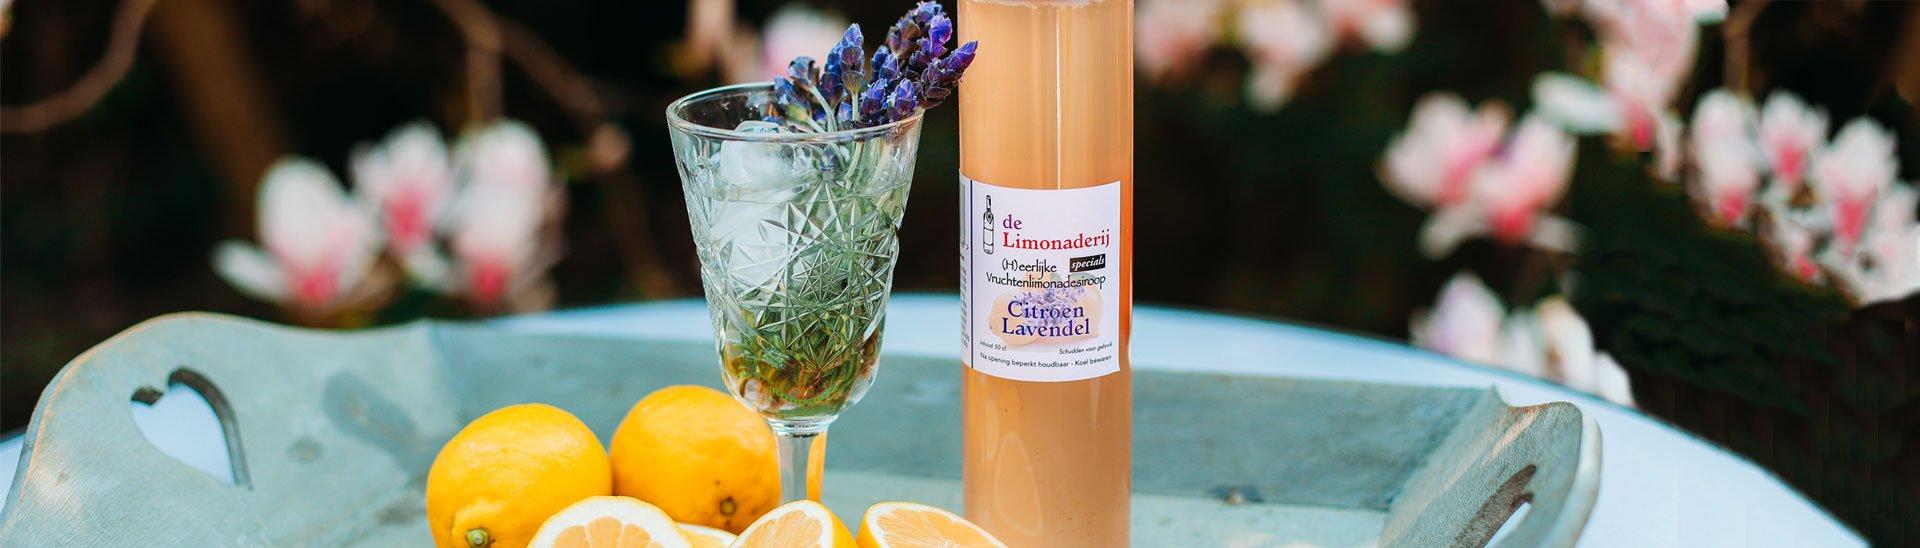 De Limonaderij, 100% natuurlijke limonade siropen